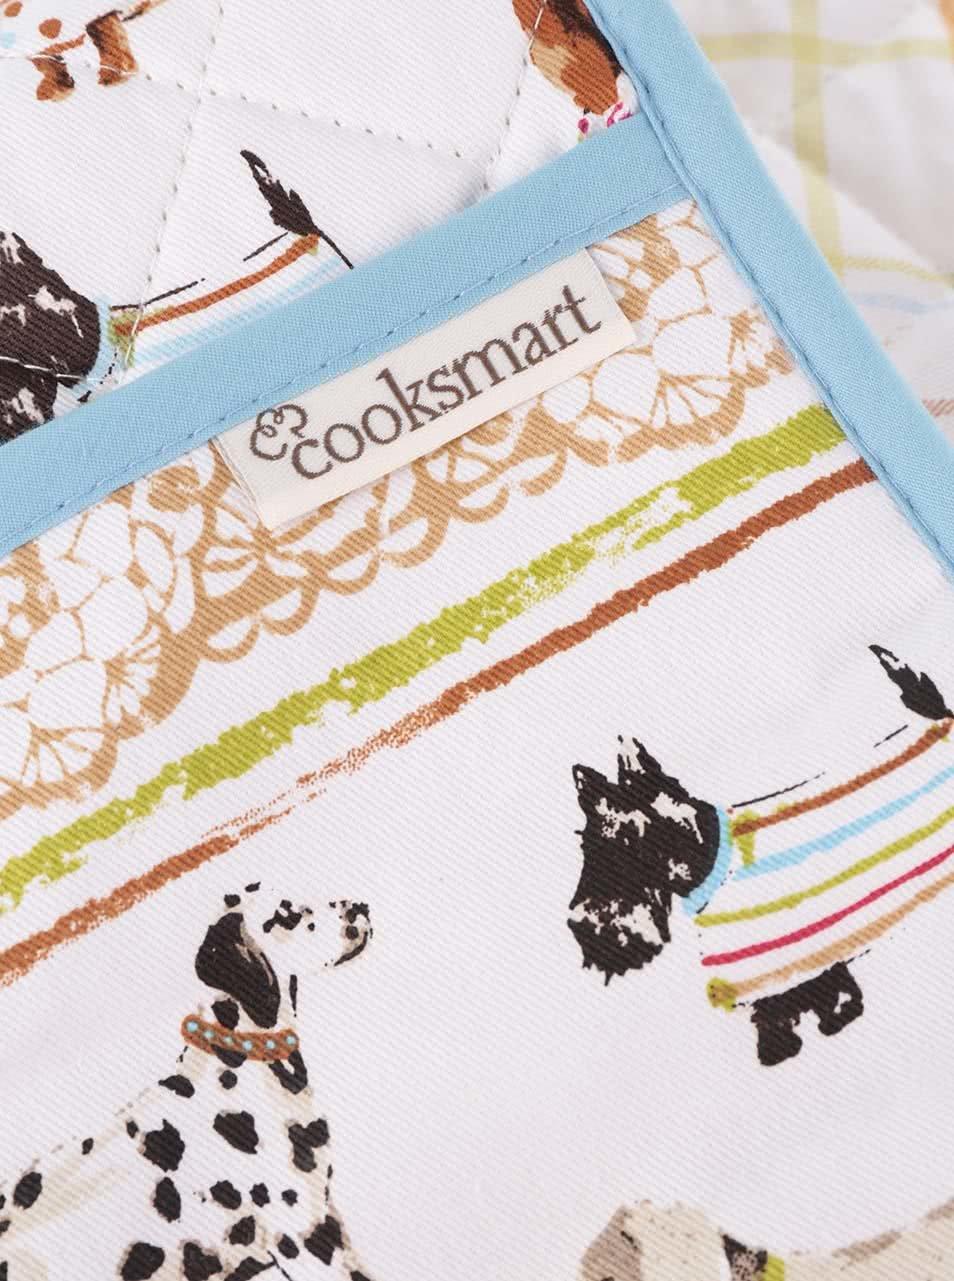 Modro-bílé chňapky s motivem psů Cooksmart Best in show